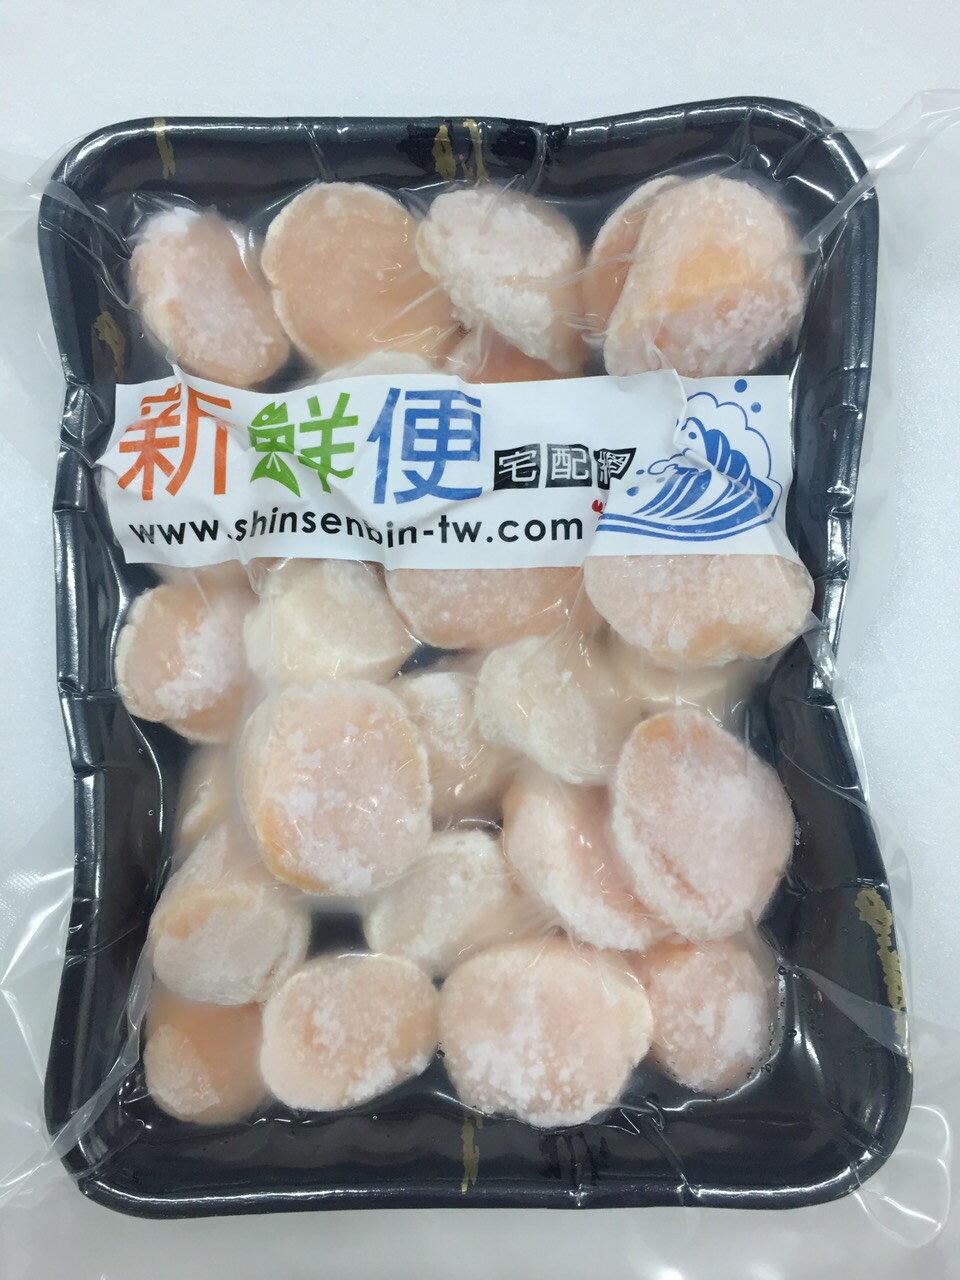 北海道產★特級野生粉紅干貝500g 1